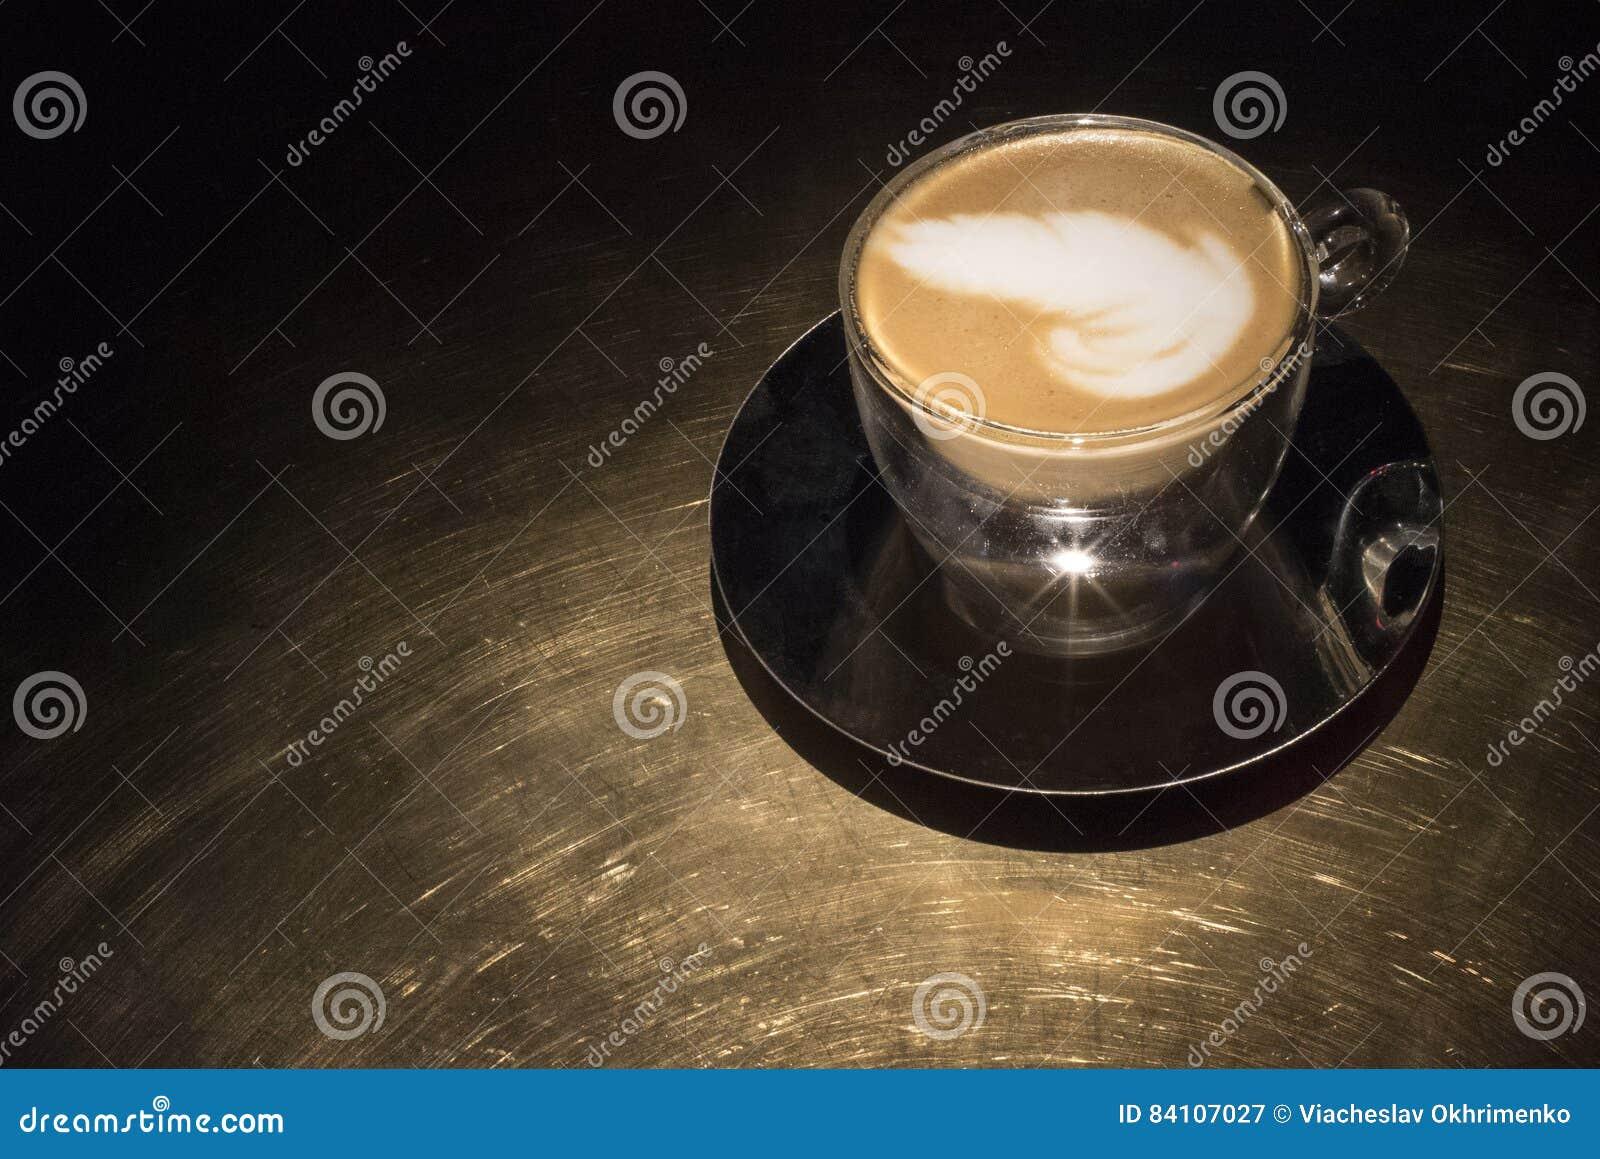 Zeit, Kaffee zu trinken